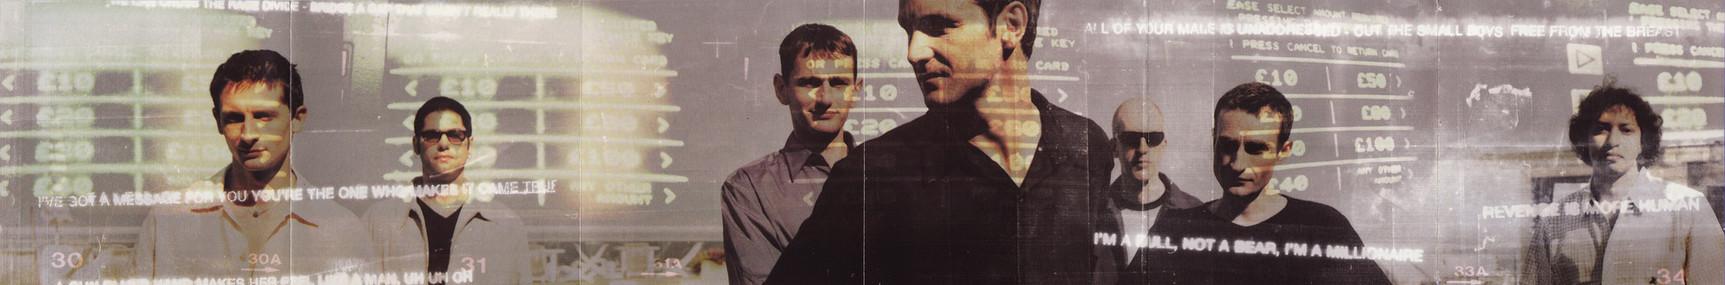 millionaires-cd-booklet3-4-UK.jpg